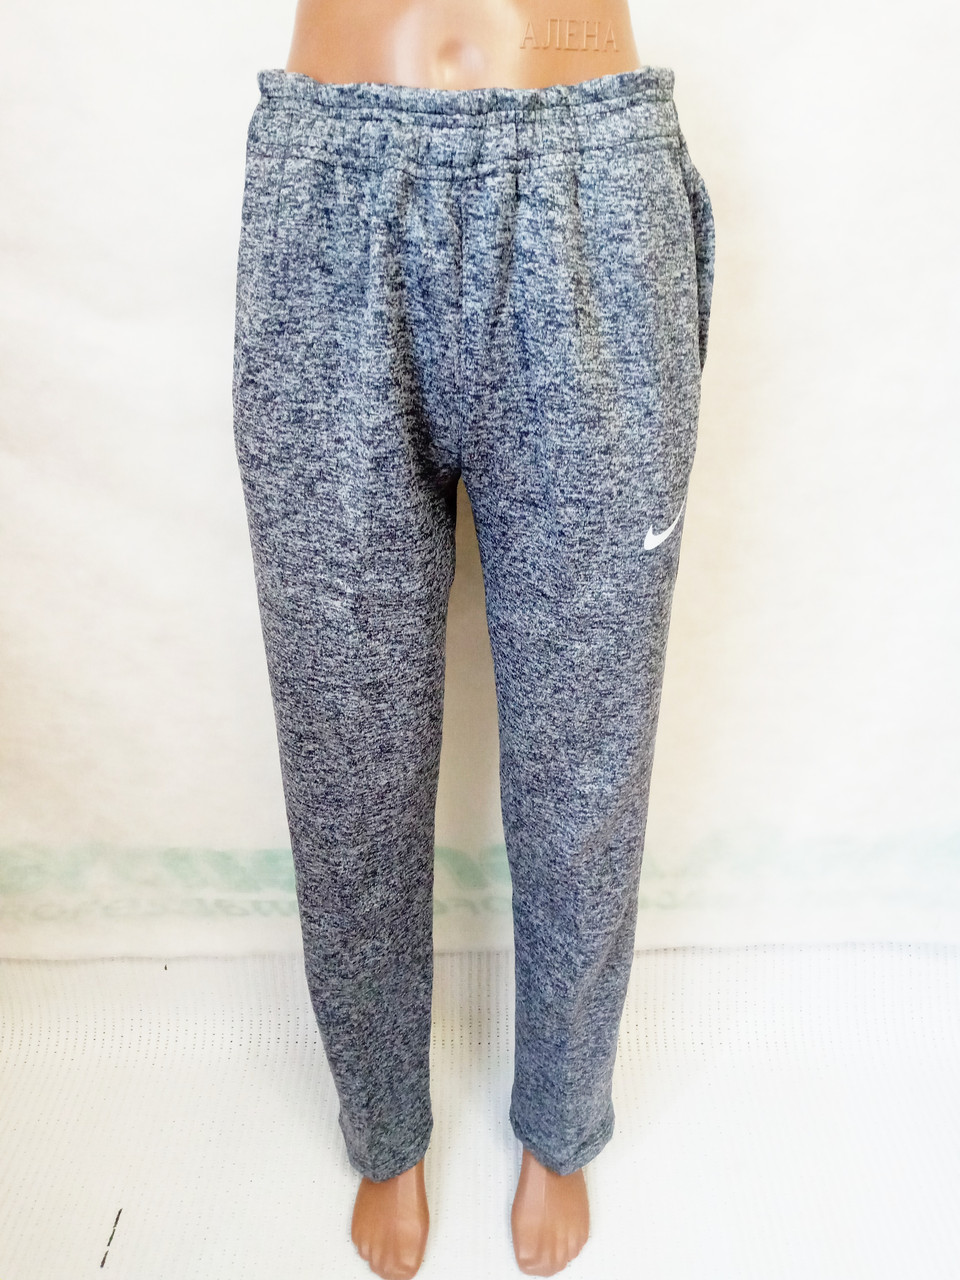 Спортивные штаны теплые трехнитка на флисе р.46.Цвет синий.От  2 шт по 107грн